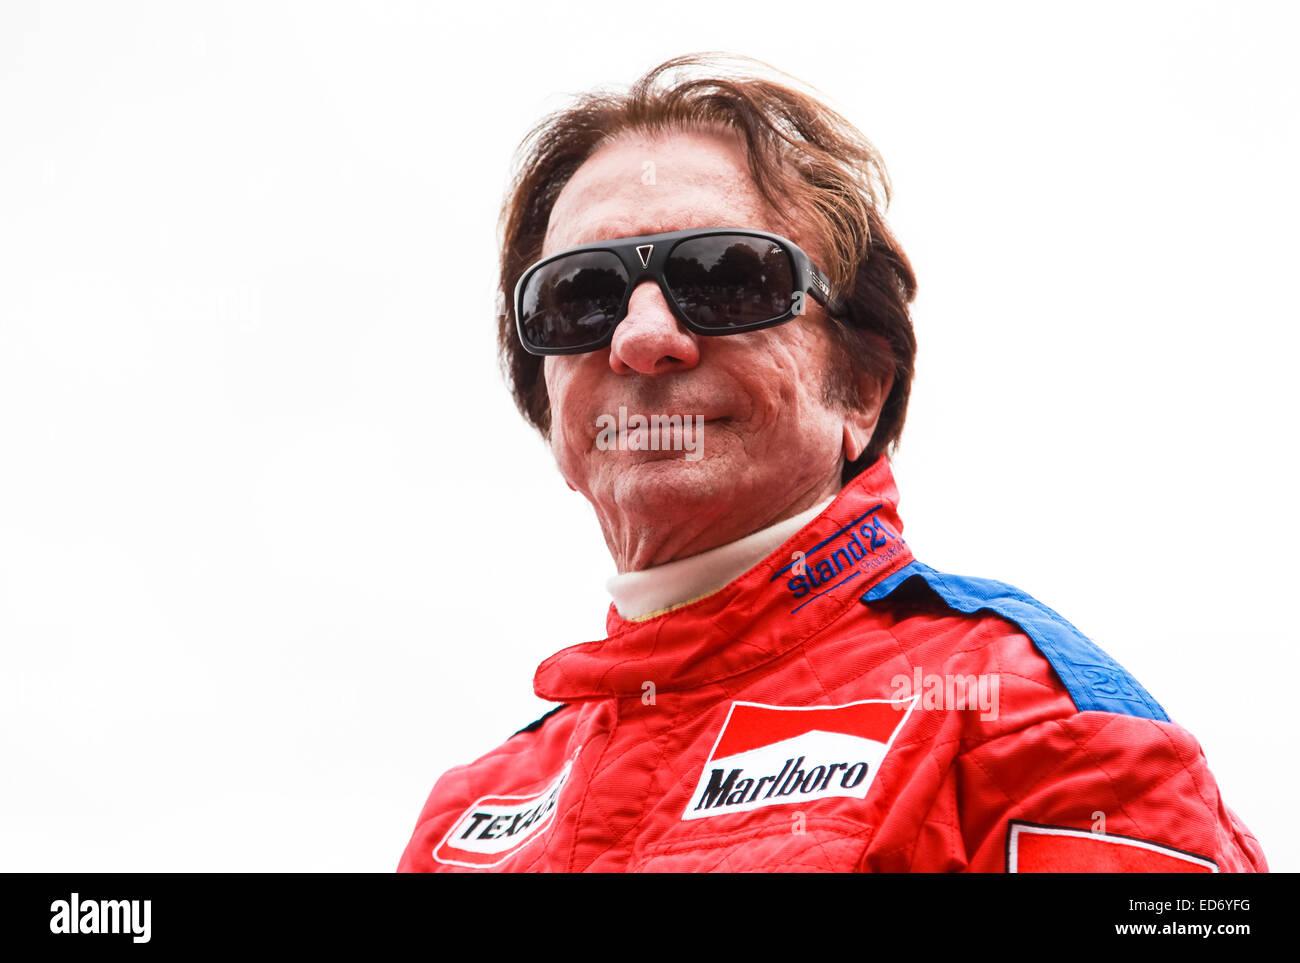 Emerson Fittipaldi Stock Photos Amp Emerson Fittipaldi Stock